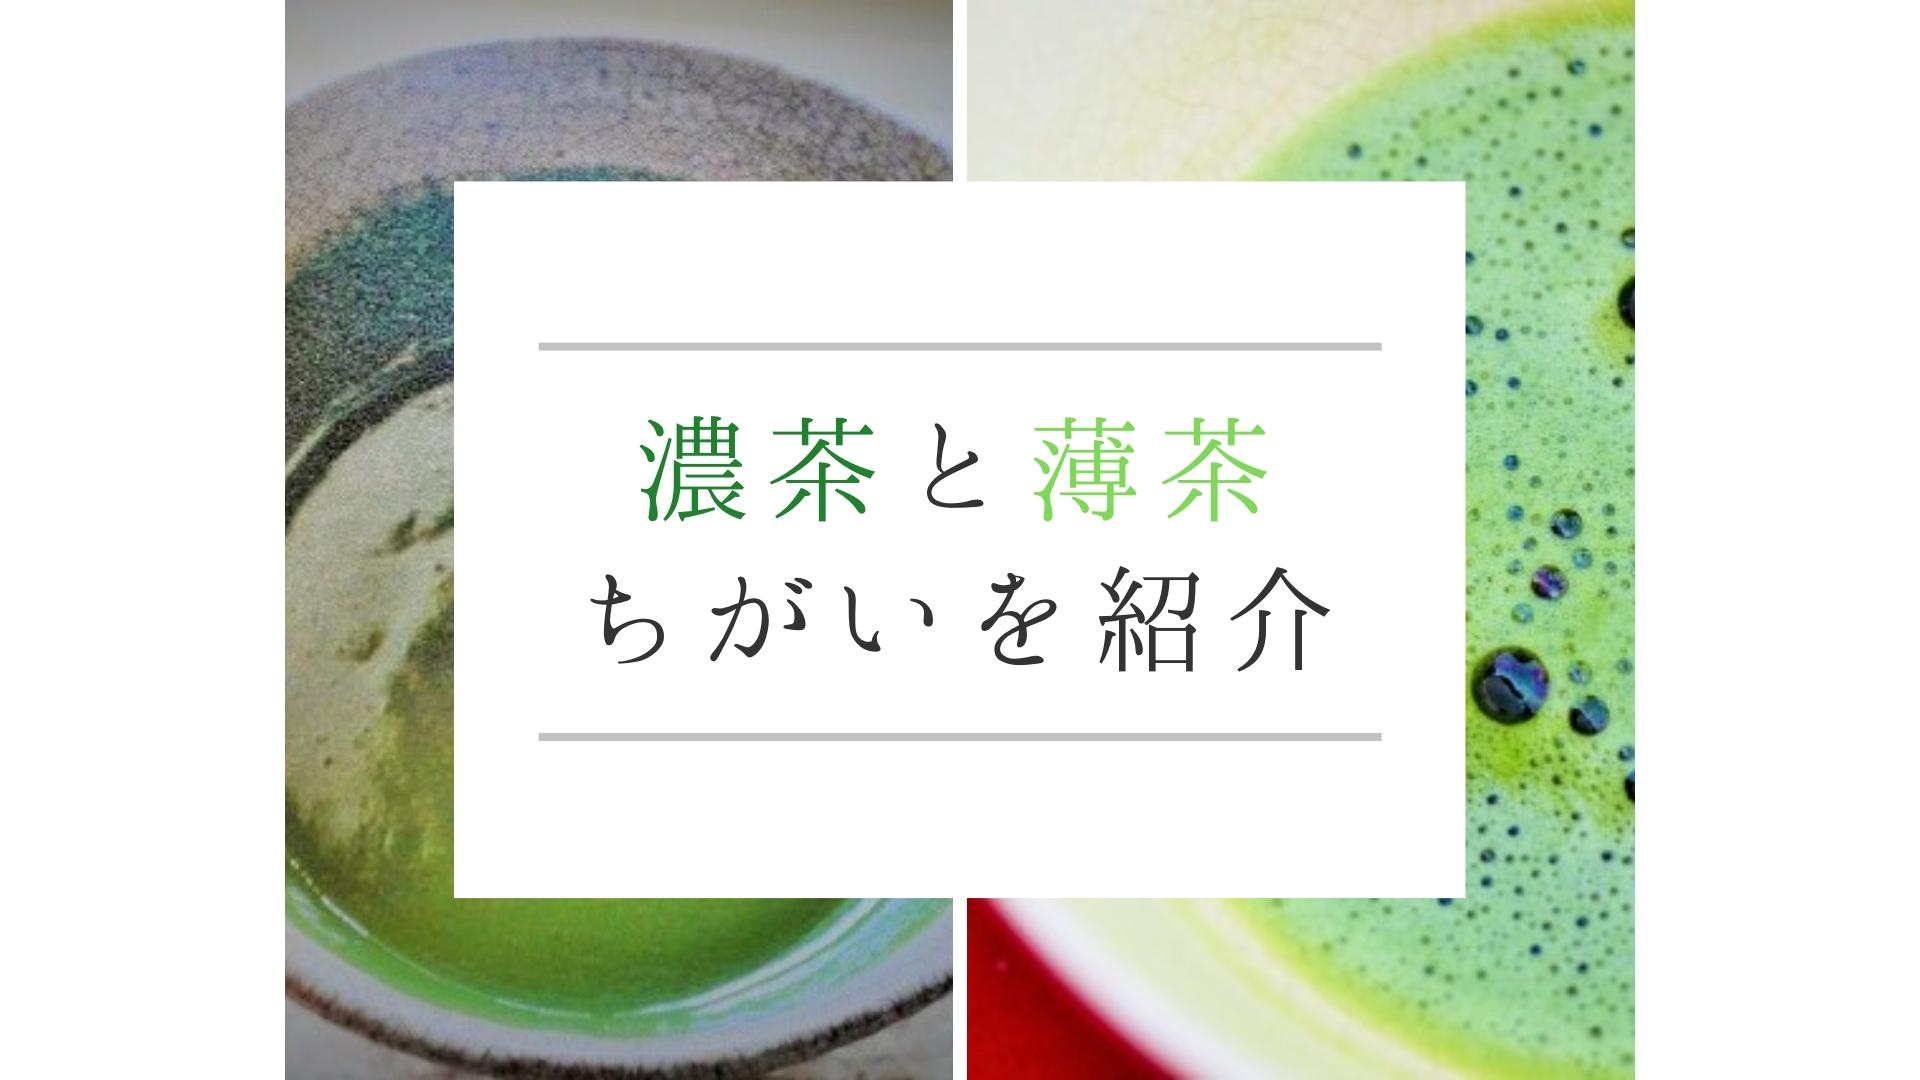 濃茶と薄茶の画像